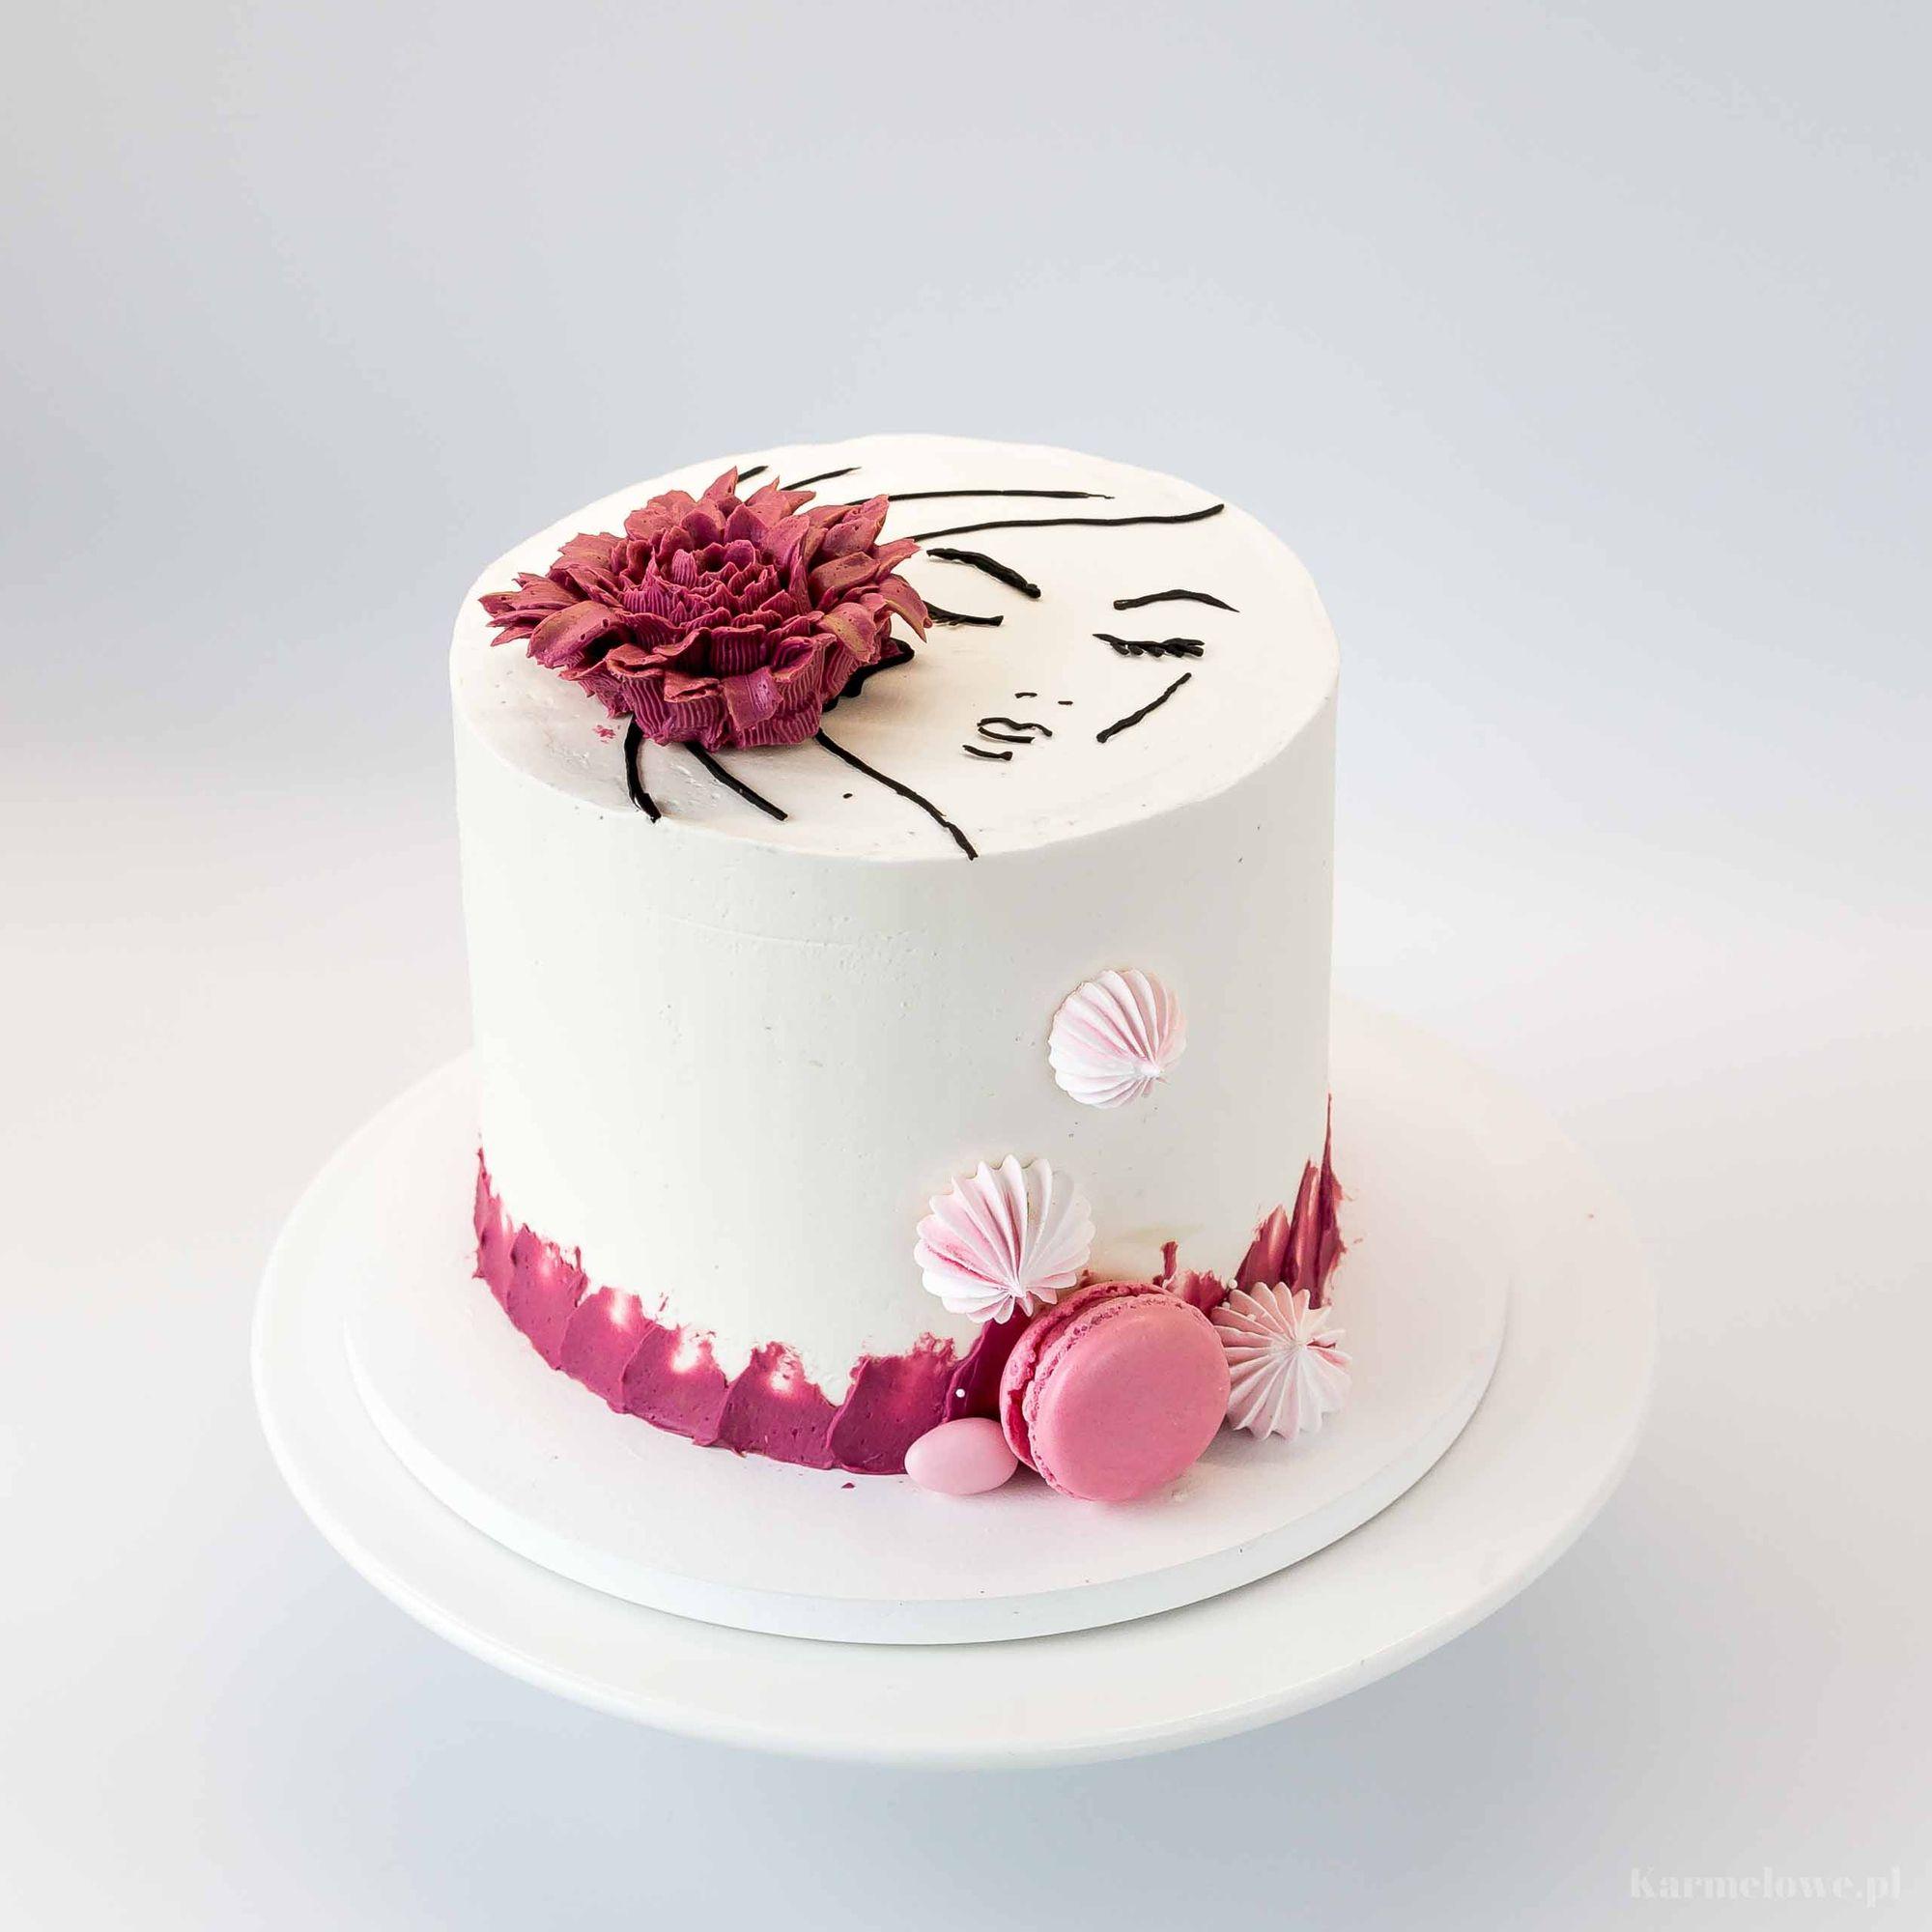 Recznie Malowany Tort Kobieta Z Kwiatem Karmelowe Pl Cake Desserts Birthday Cake